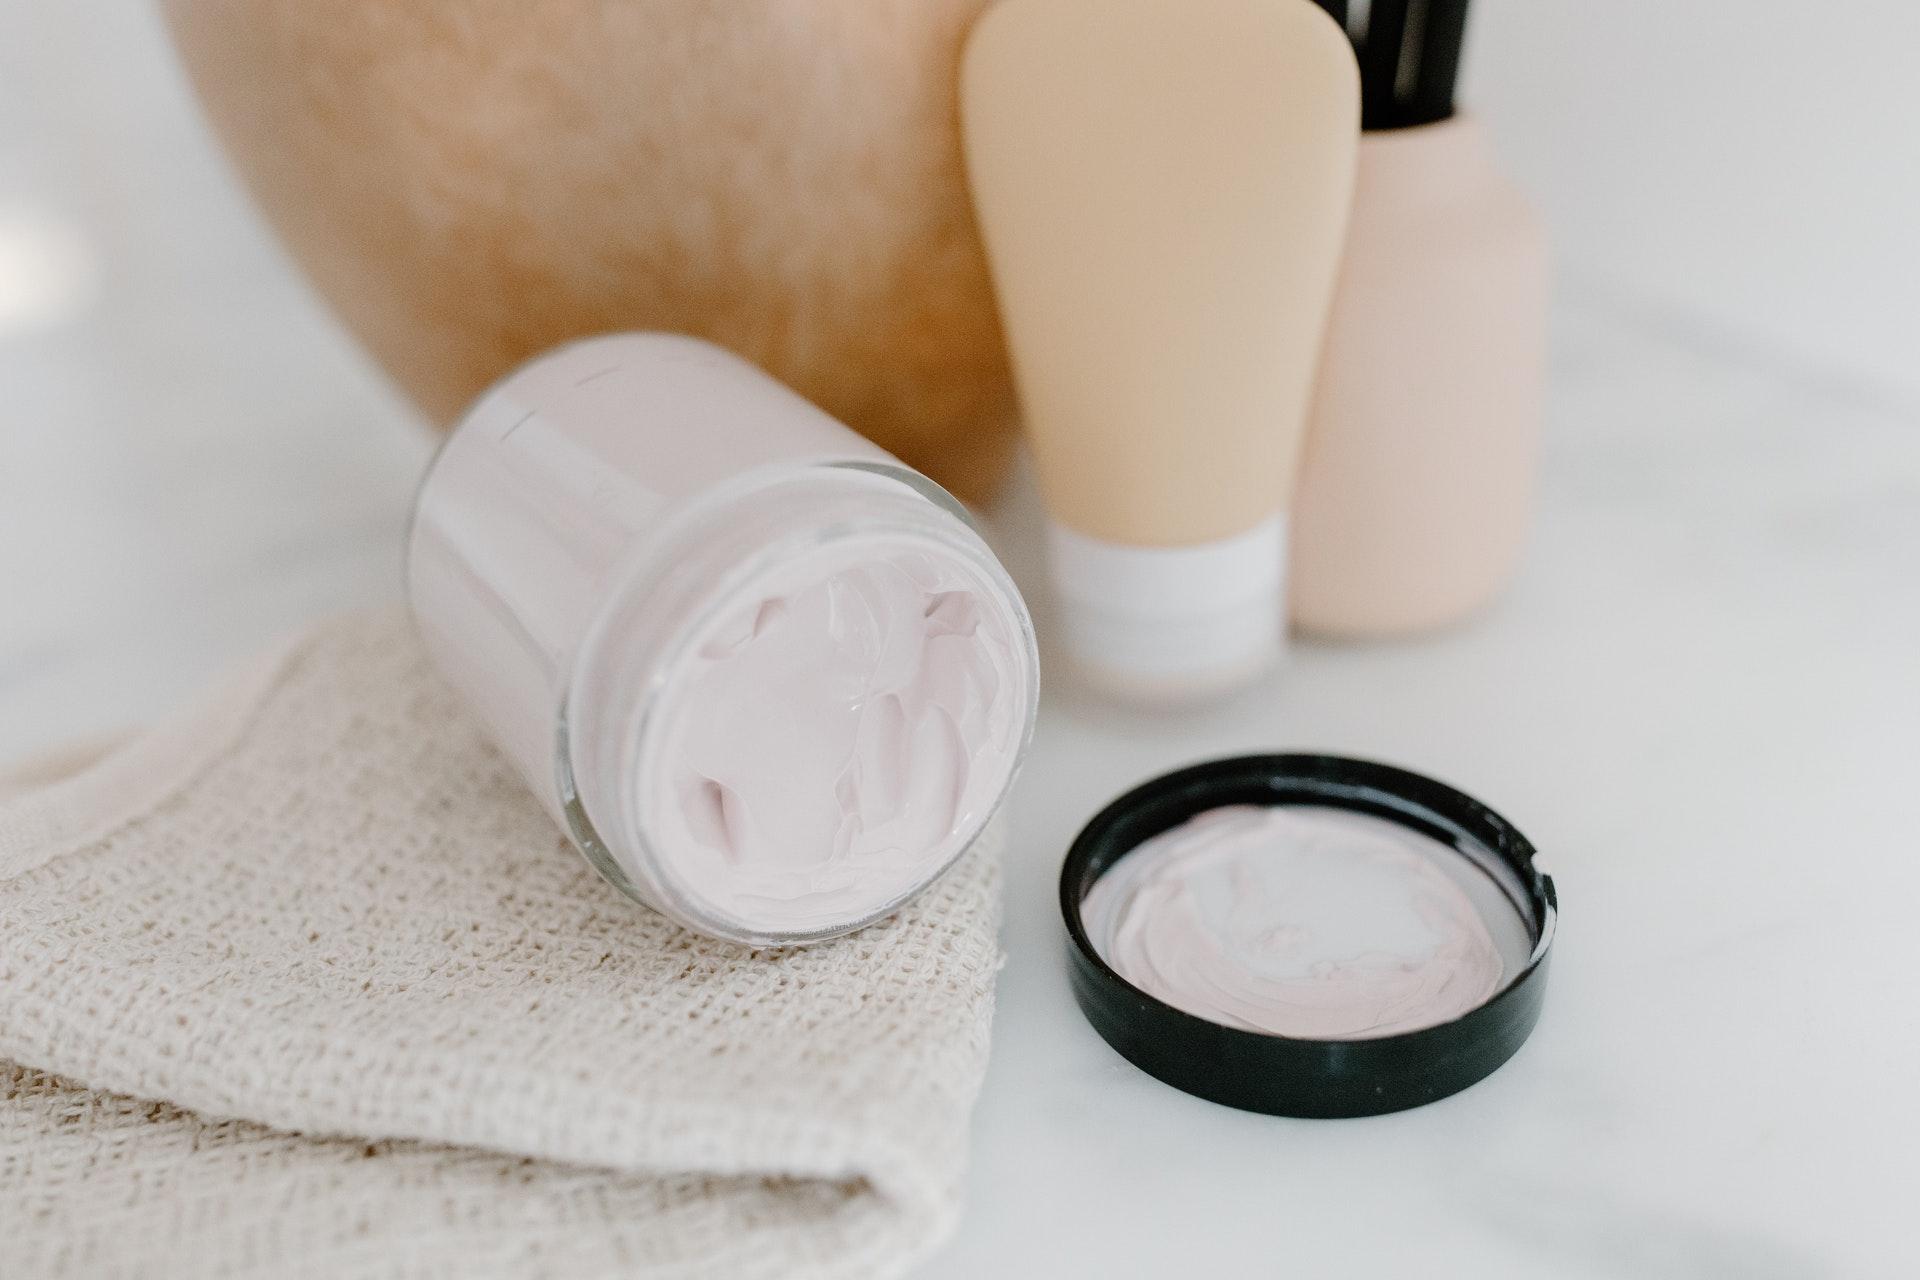 Sudocrem zinkzalf en andere billencrèmes – Verwijder rimpels en krijg een gladdere uitstraling